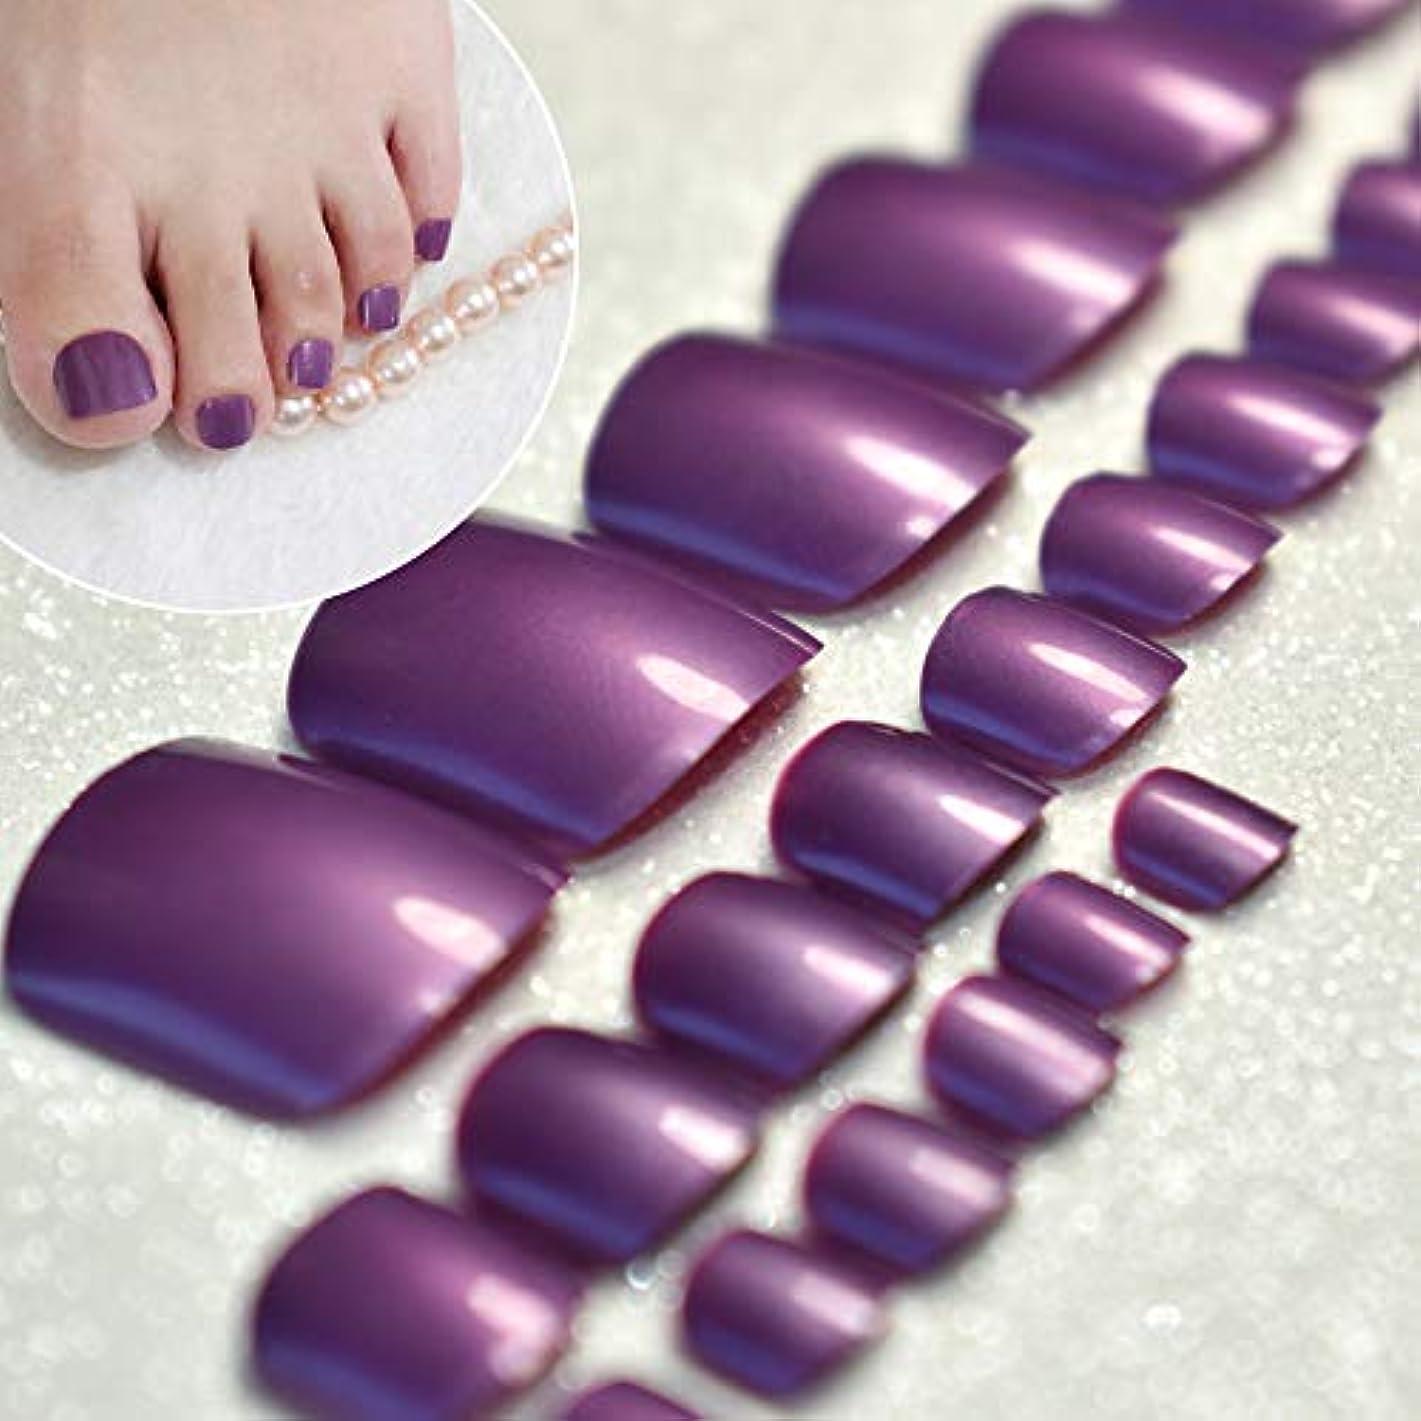 誰飛行機ほこりXUTXZKA 足の爪のためのきらめく光沢のあるグレープパープルネイルのヒント足のためのお菓子祭りの偽の足指24本